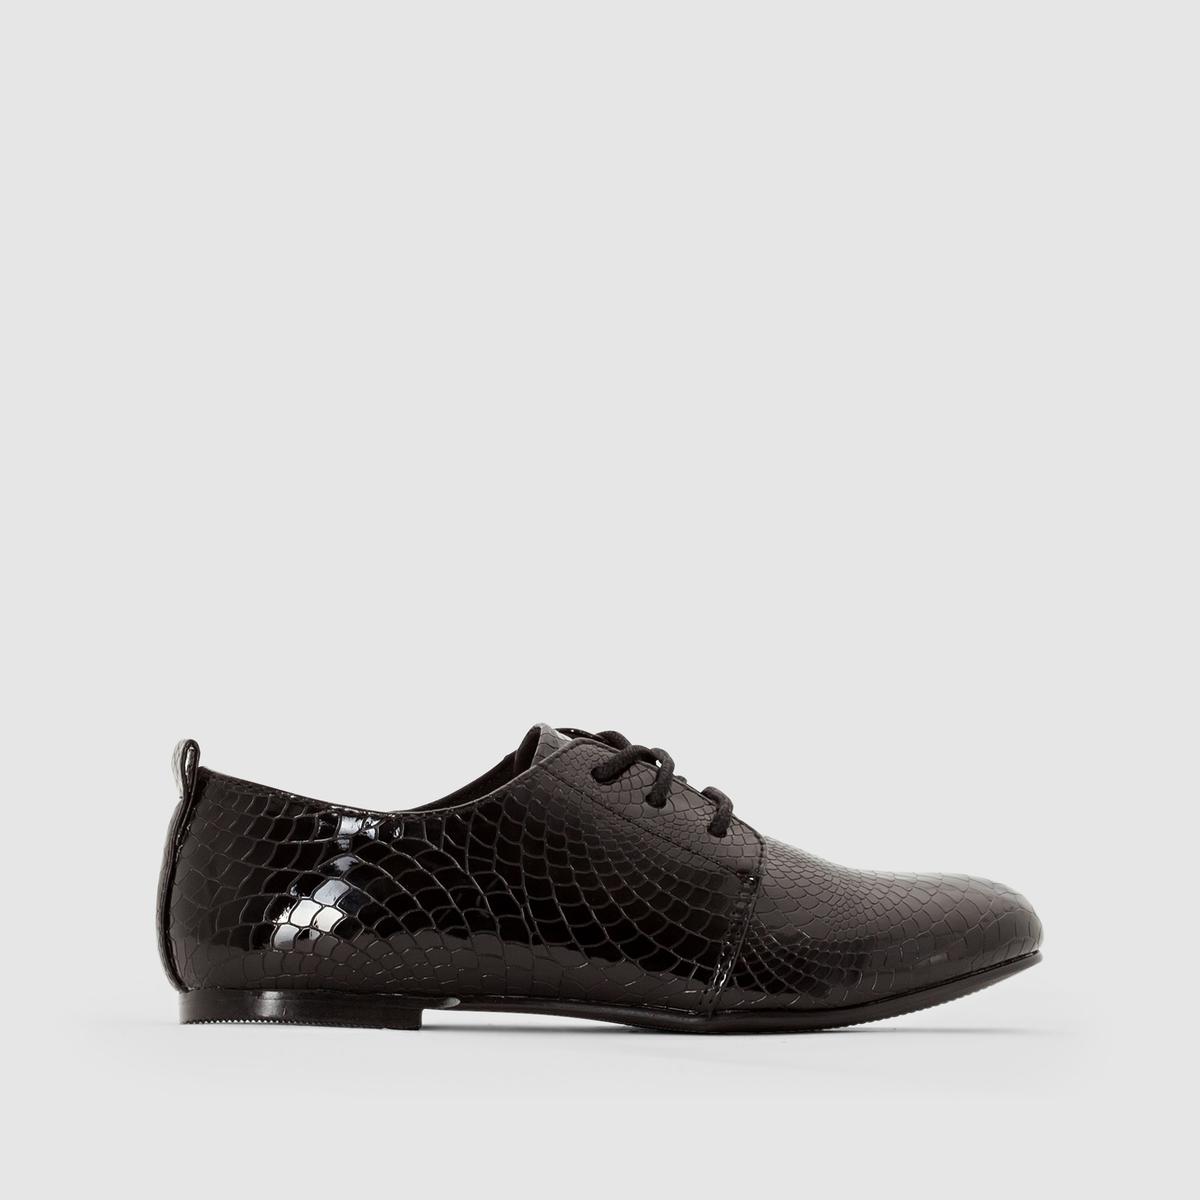 Ботинки-дерби лакированные с отделкой под кожу крокодилаМодная отделка под кожу крокодила : девушкам понравятся эти великолепные лакированные и очень модные ботинки-дерби !<br><br>Цвет: черный/черный лак<br>Размер: 33